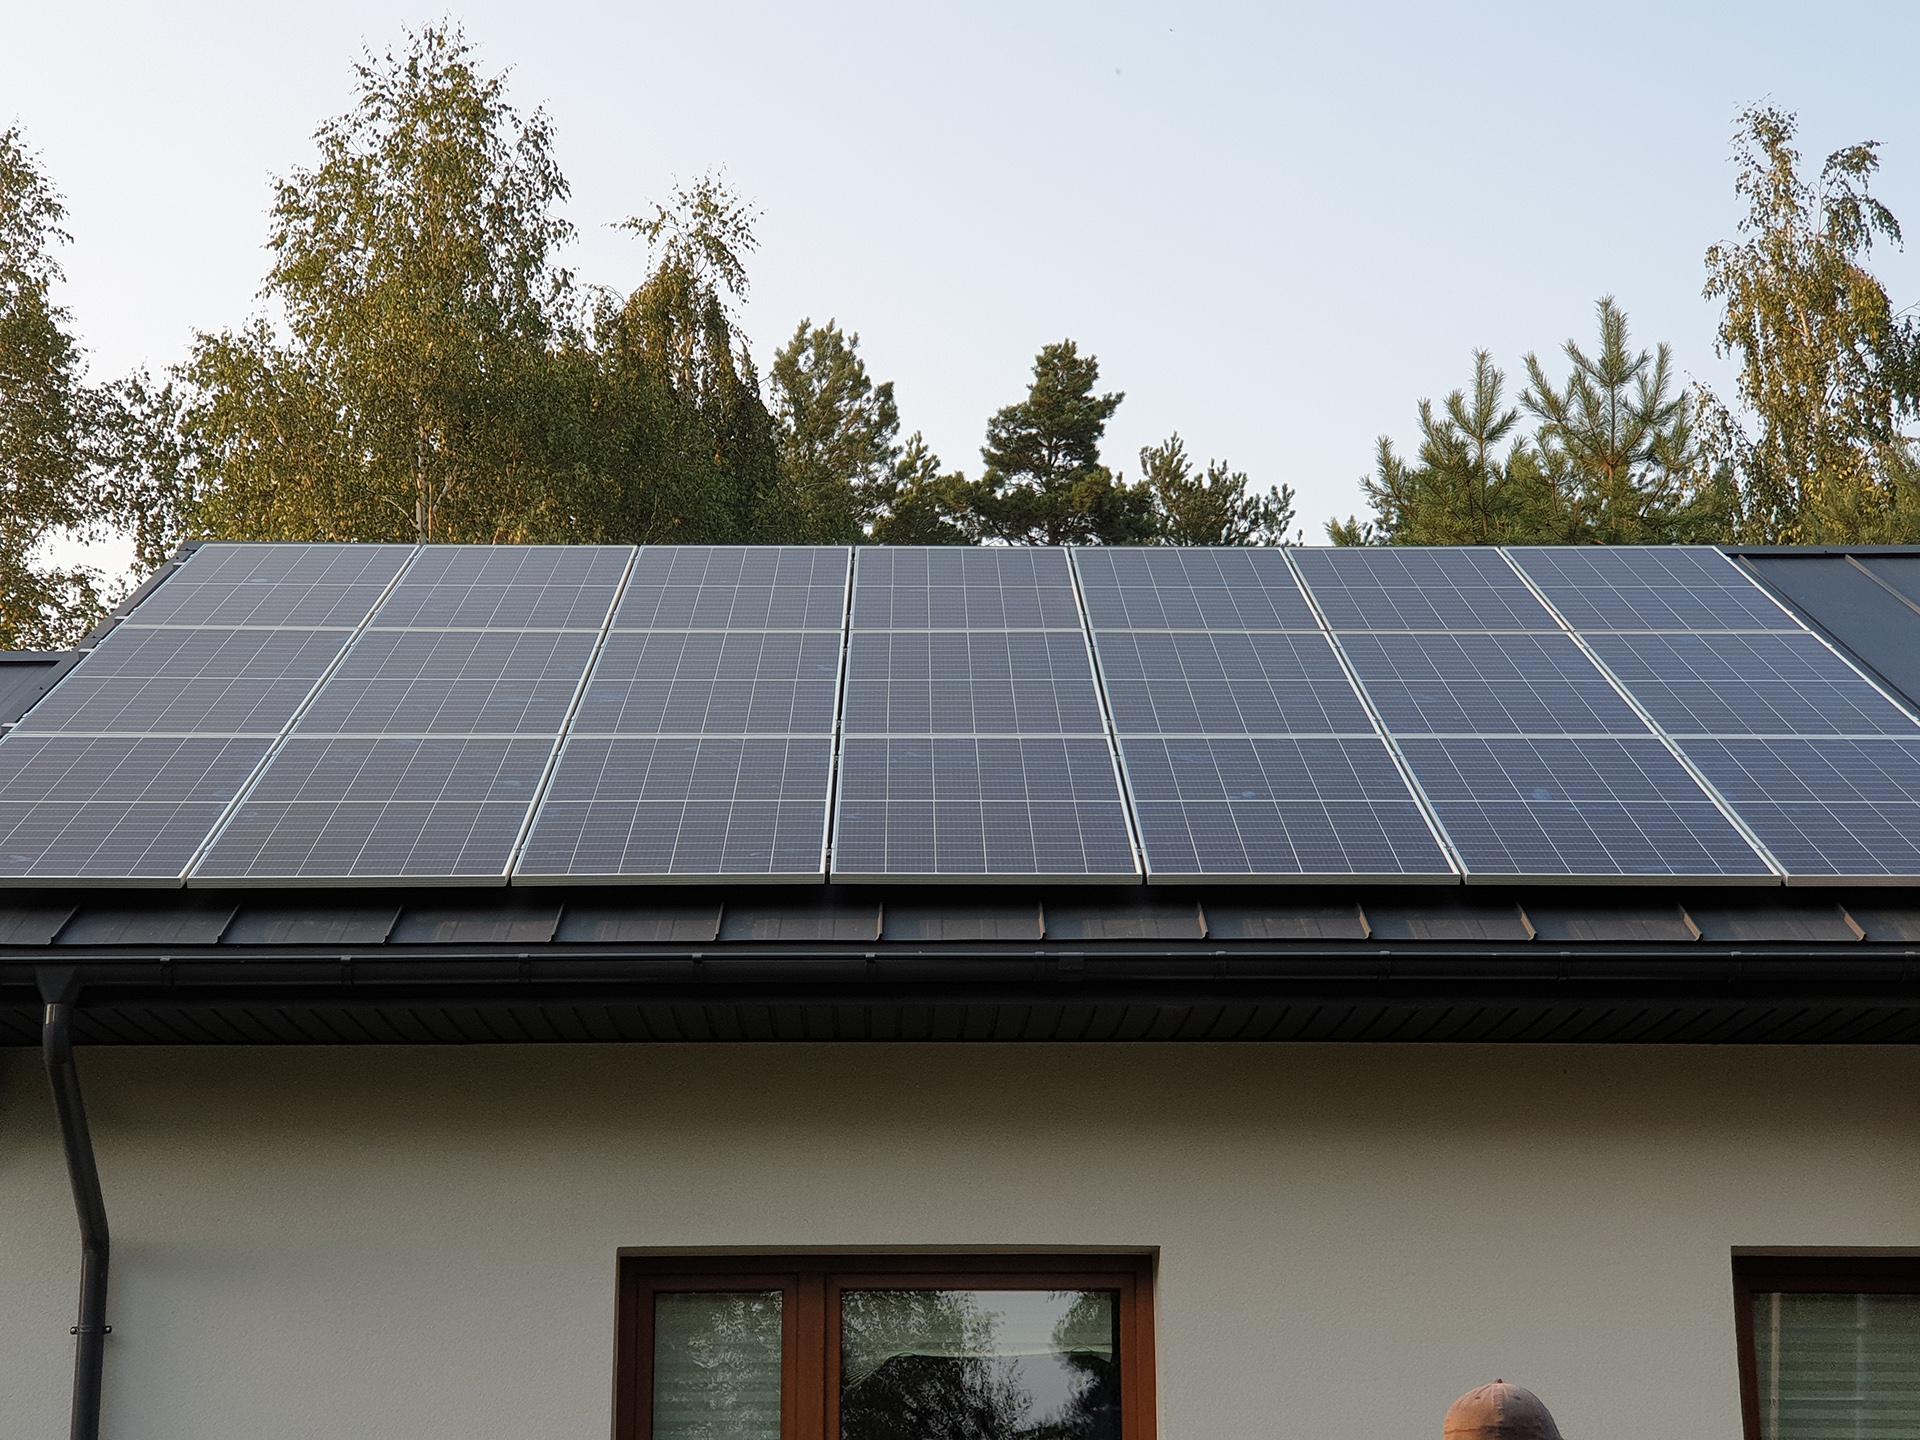 panele fotowoltaiczne warszawa cp green energy ja solar growatt mono